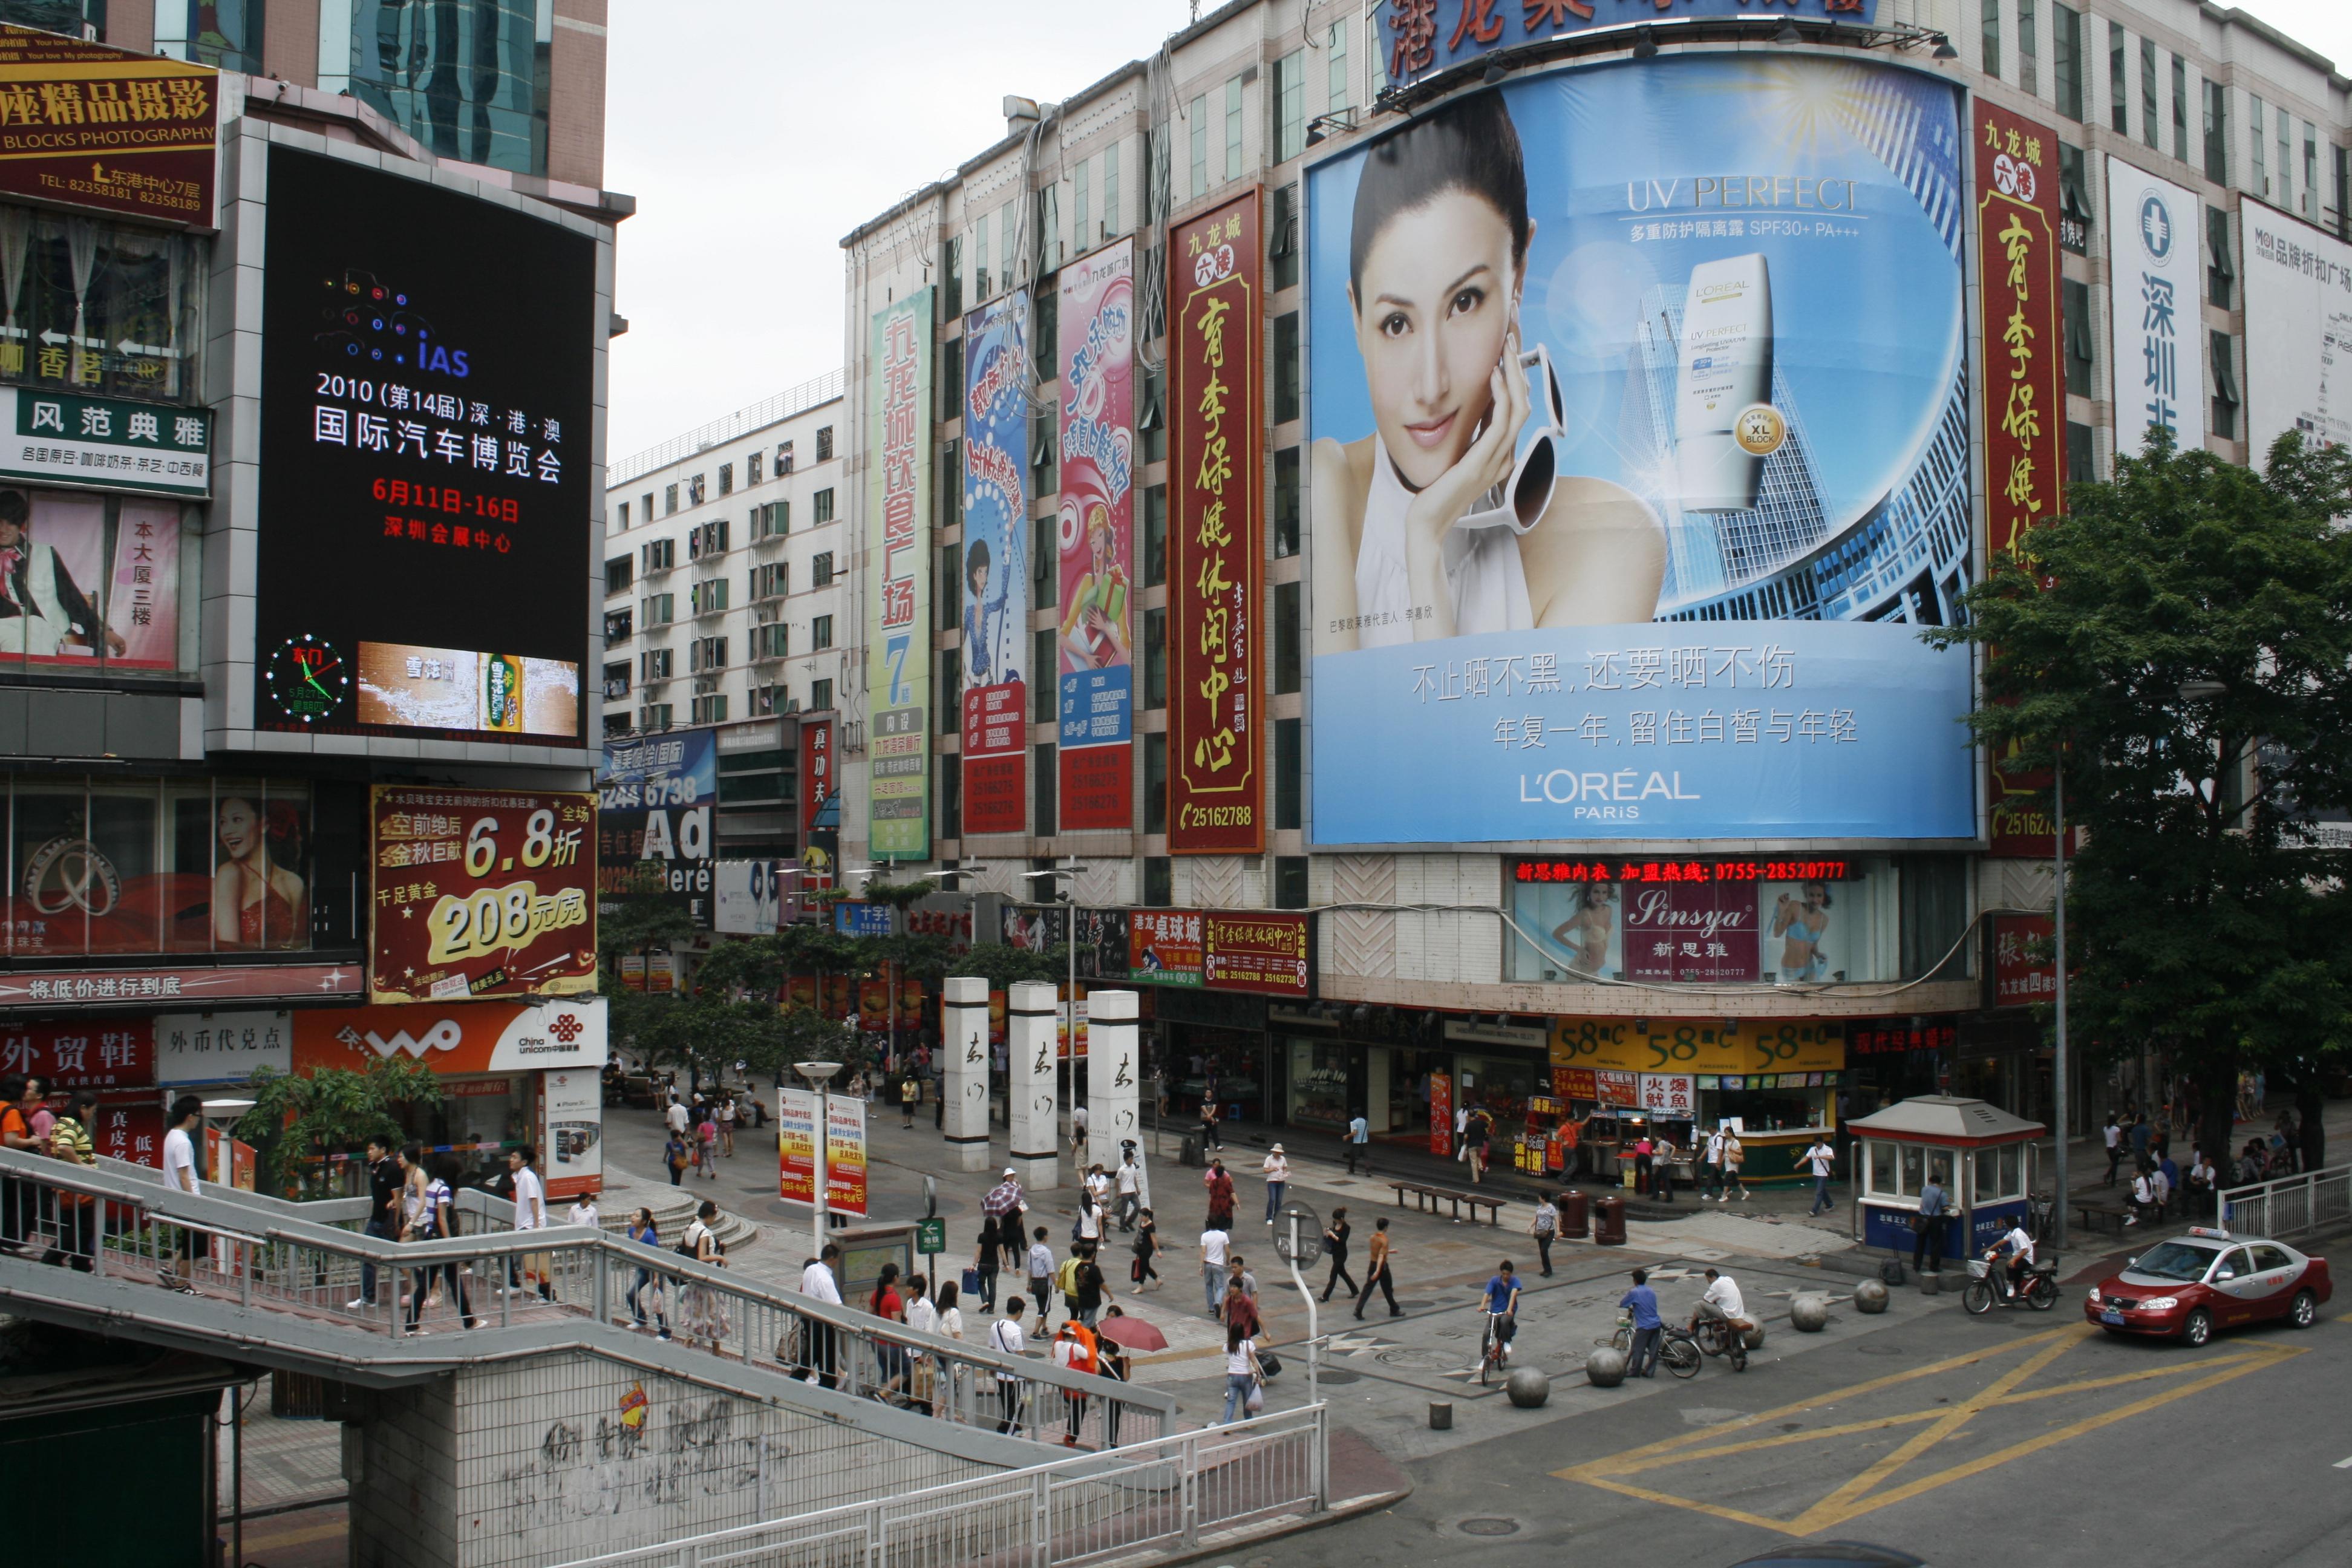 فروشگاه Rainbow چندین شعبه در شنژن دارد و مورد علاقه اکثر مردم محلی است. خدمات با کیفیت و عالی، بهترین تجربه خرید را برای شما فراهم می آورد.